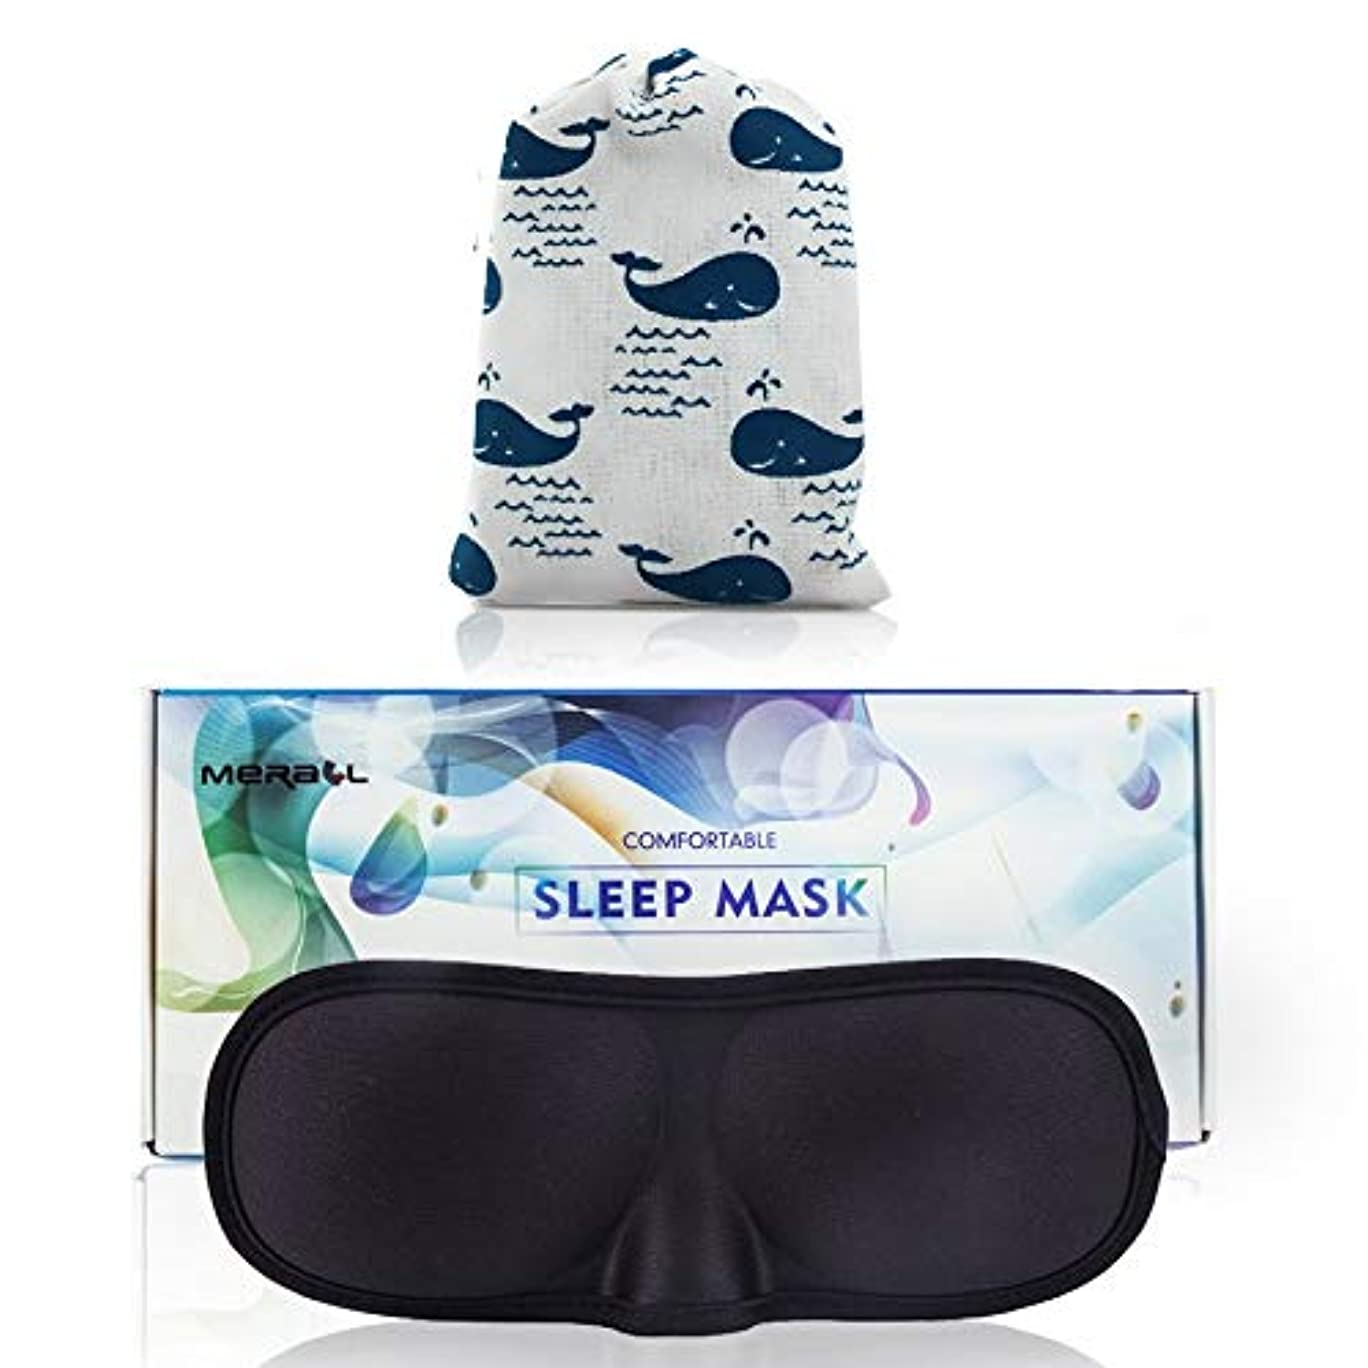 恐怖症ランドマークはちみつNOTE 3 Dの睡眠マスクアイマスクカバーシェードアイパッチ女性と男性ソフトポータブル目隠しエイドアイリラクゼーション